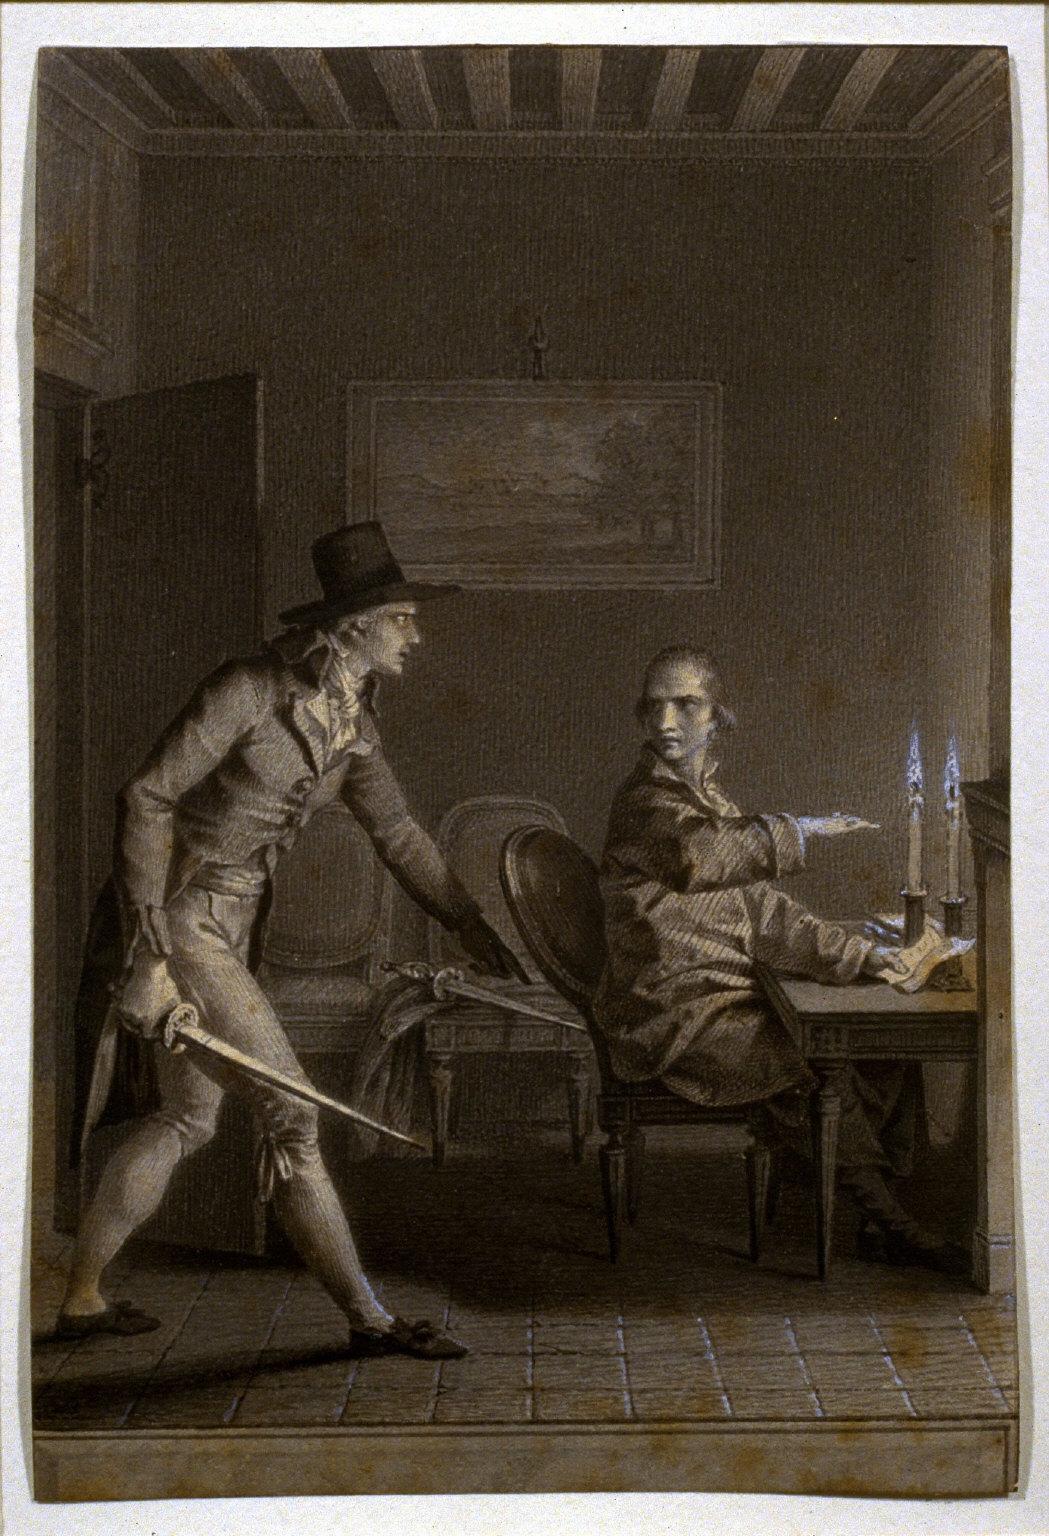 """""""Je ne me bats point contre un insensé,"""" from Jean-Jacques Rousseau's La Nouvelle Héloise (1804)"""